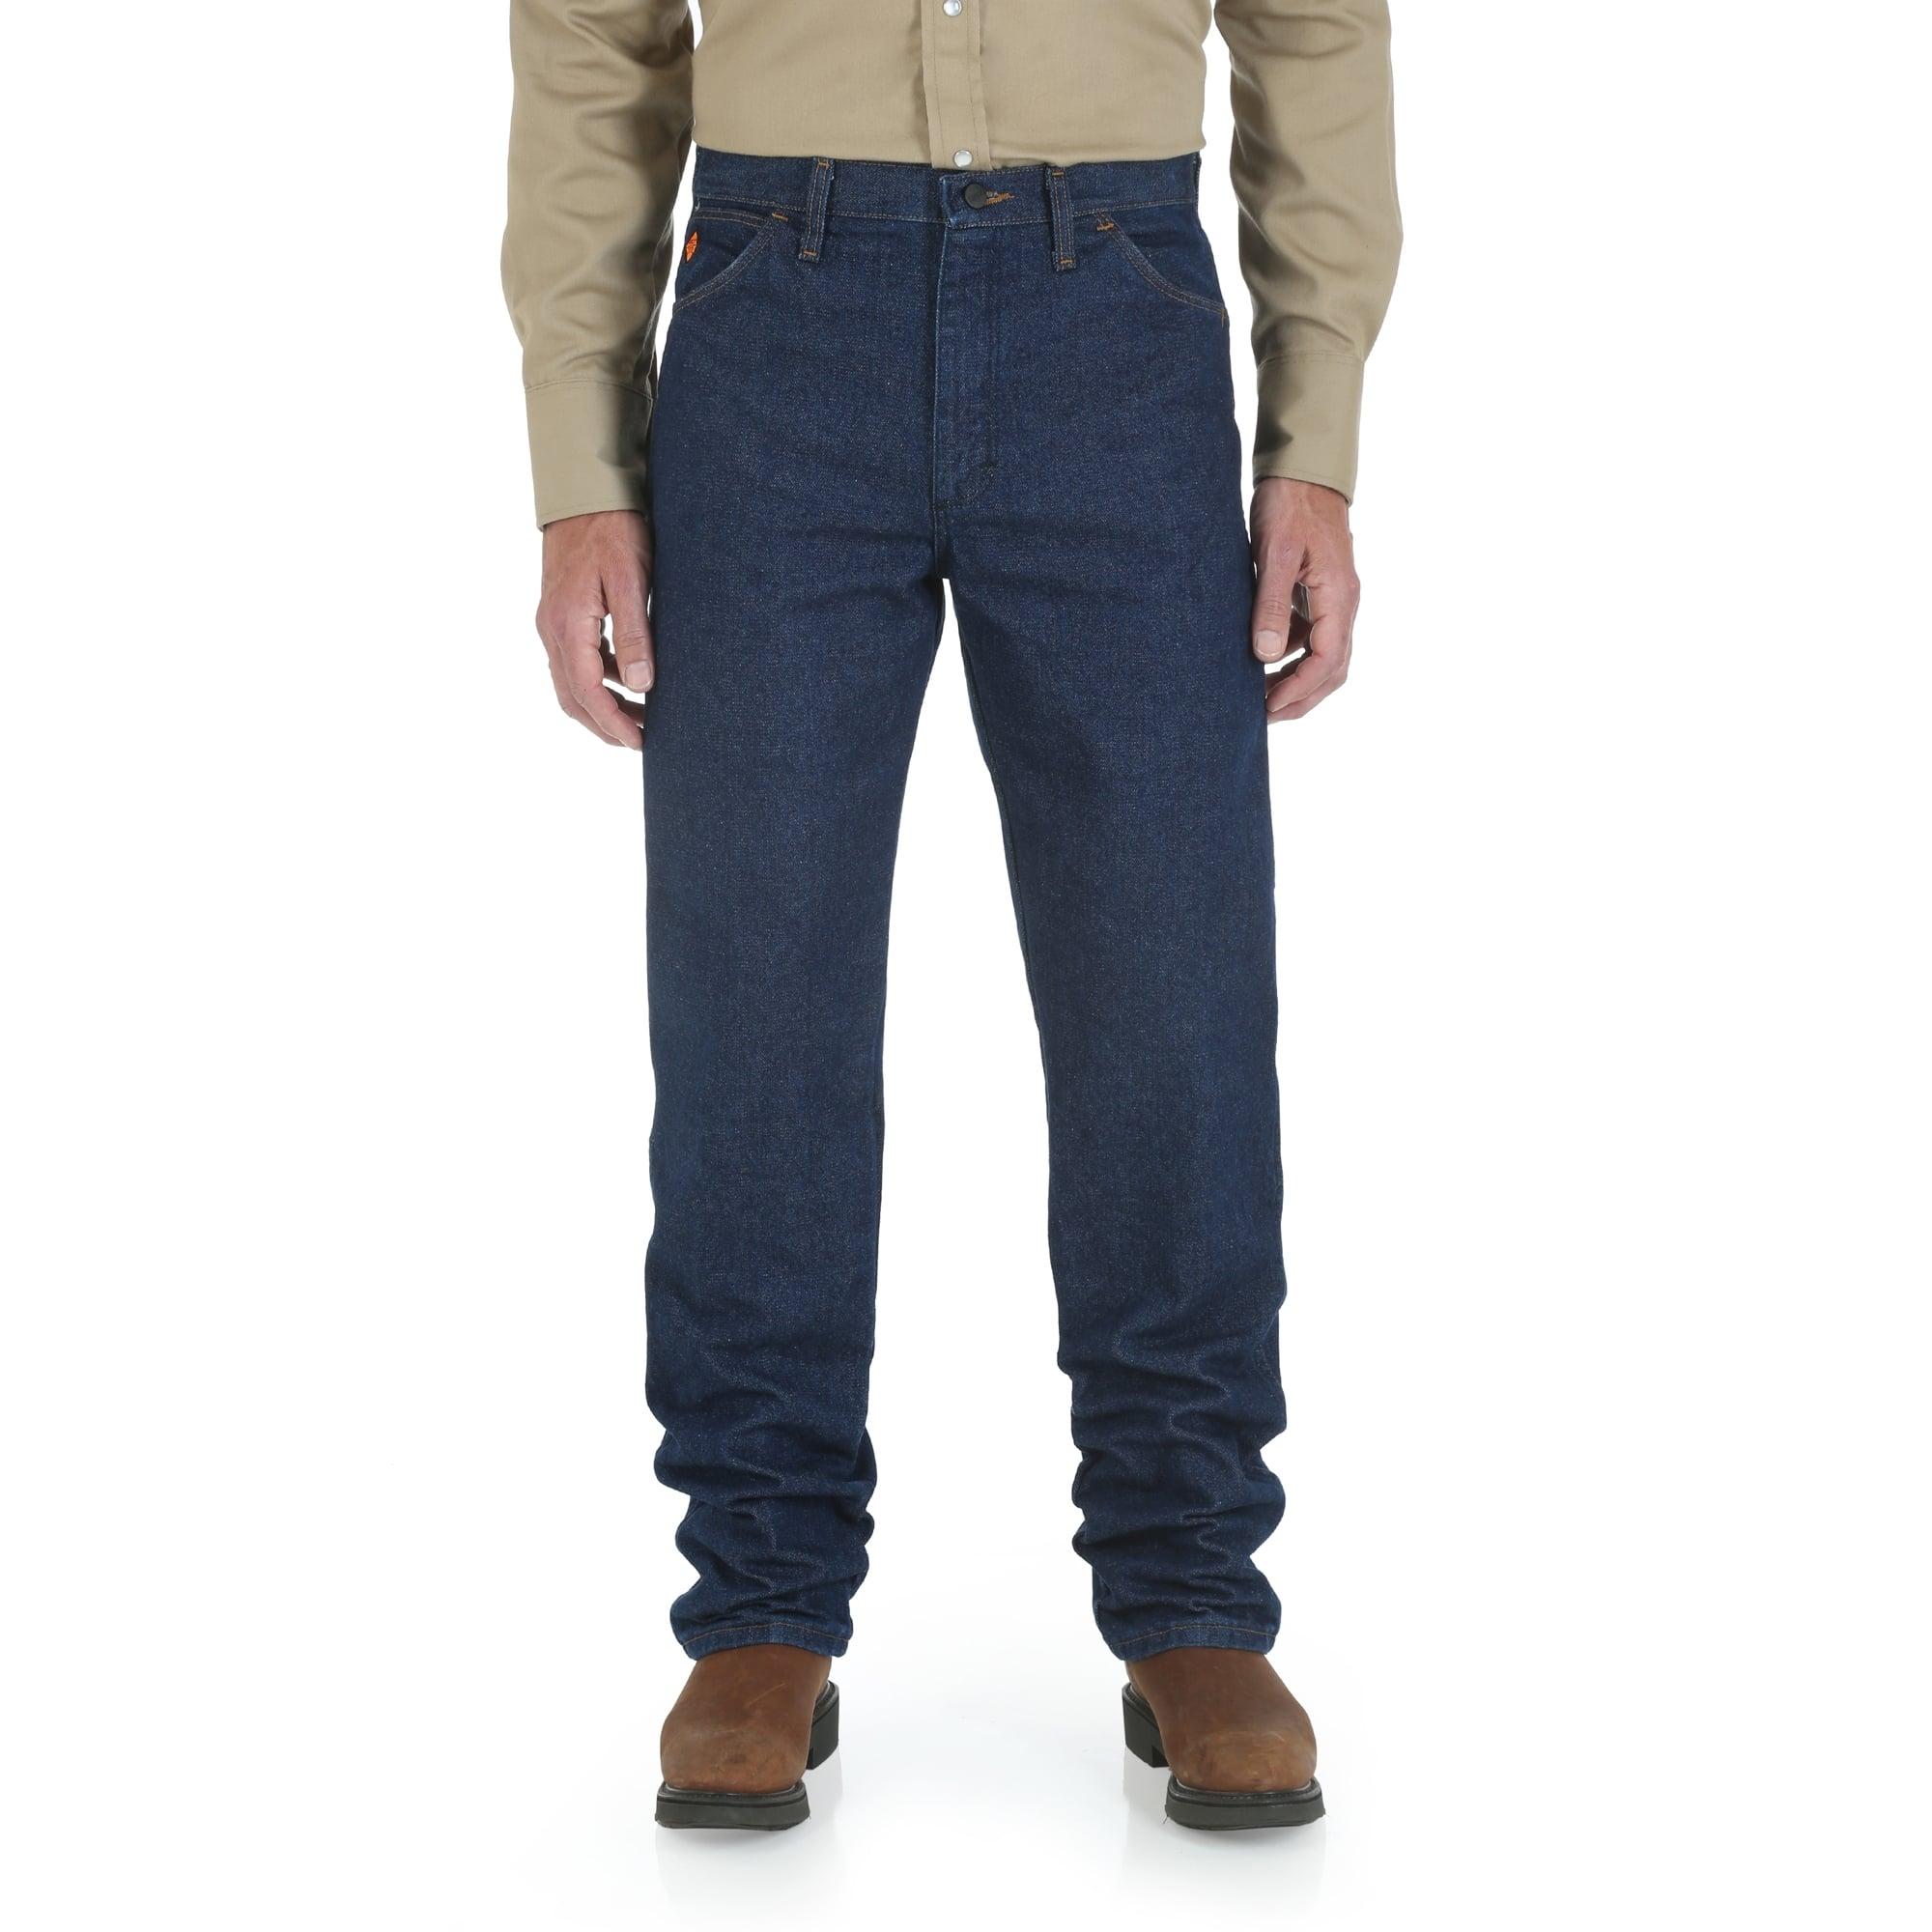 501baf0f1c83 Wrangler Flame Resistant Original Fit Jeans ...